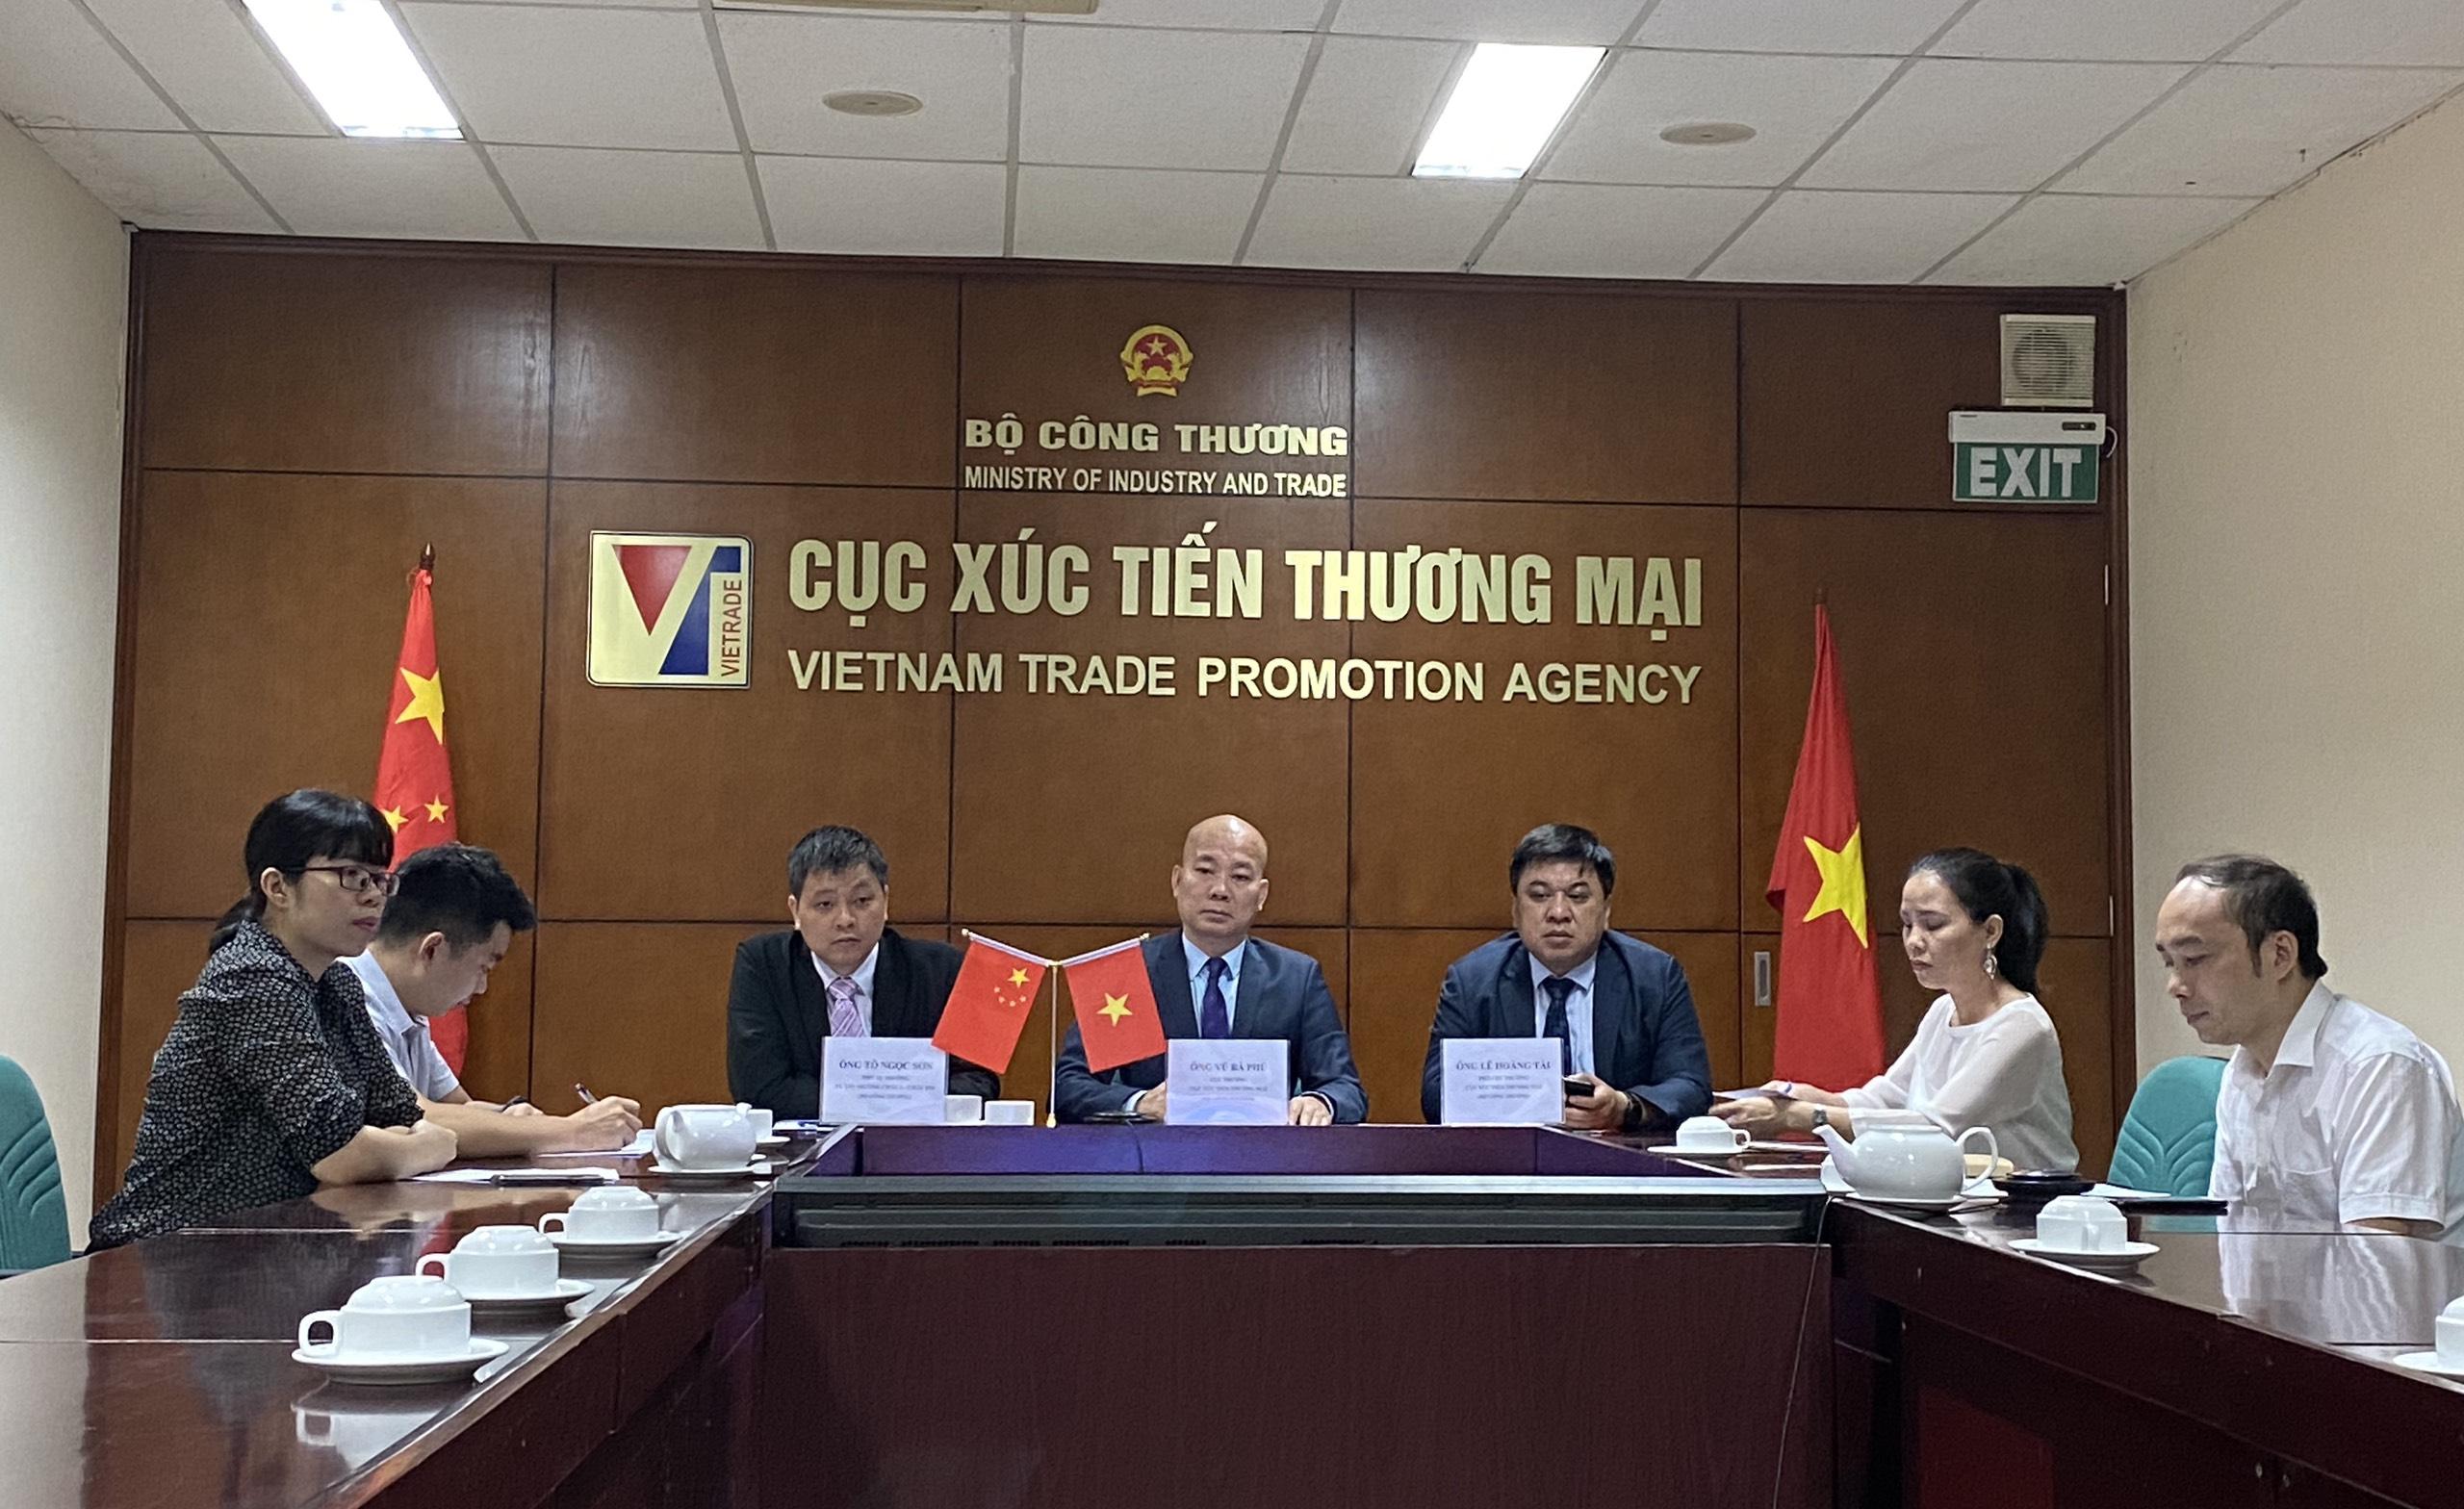 Giao thương trực tuyến nông sản, thực phẩm Viêt Nam với thị trường Vân Nam Trung Quốc